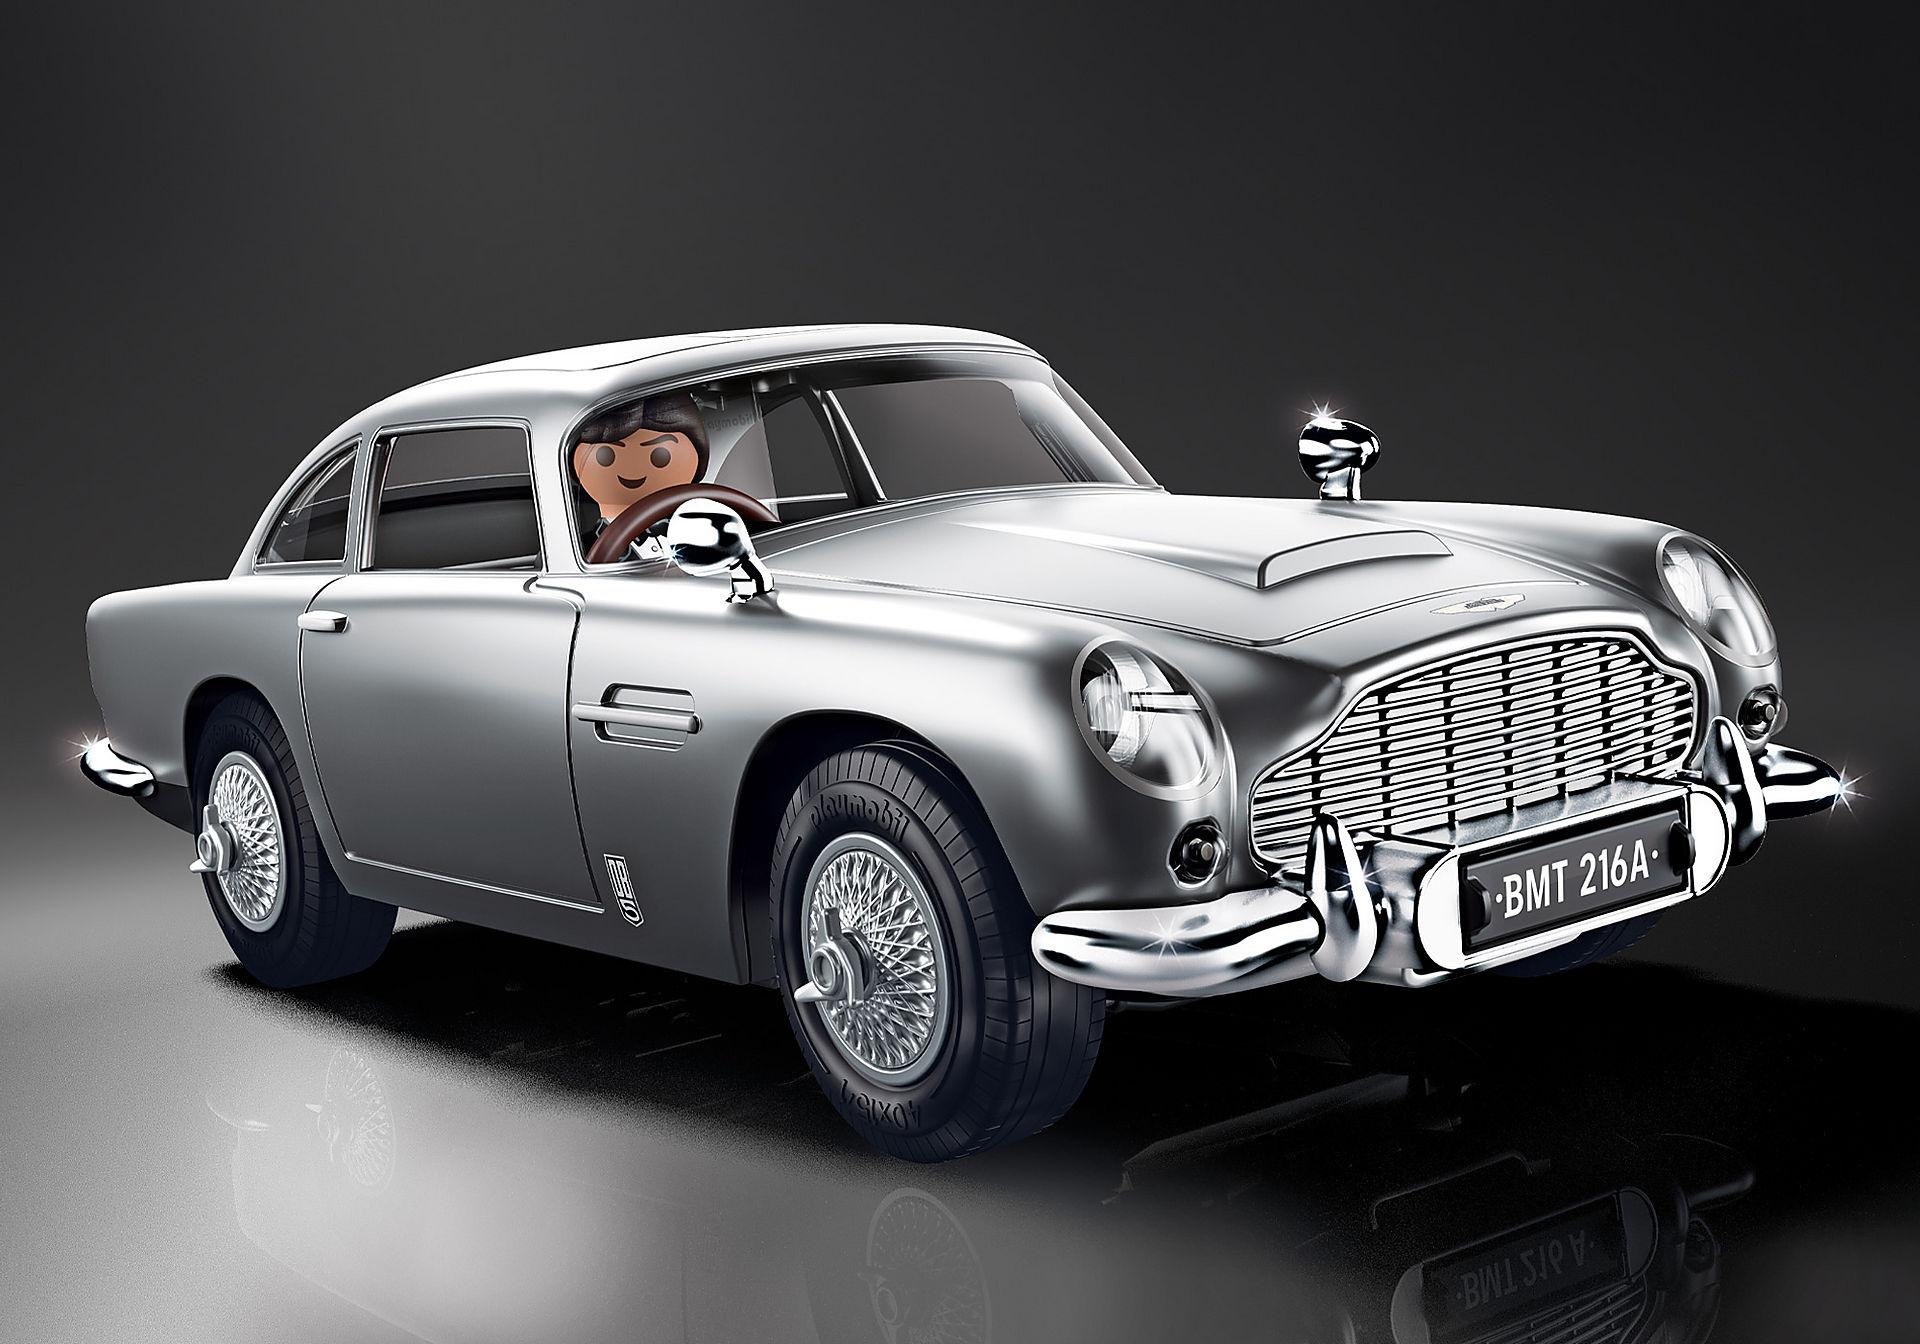 70578 James Bond Aston Martin DB5 - Edición Goldfinger zoom image1